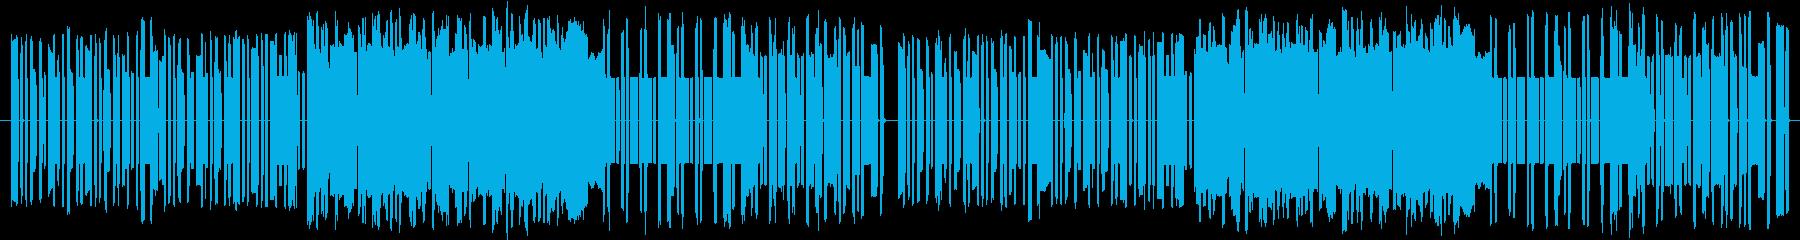 コミカルで怪しい8bitストレンジの再生済みの波形